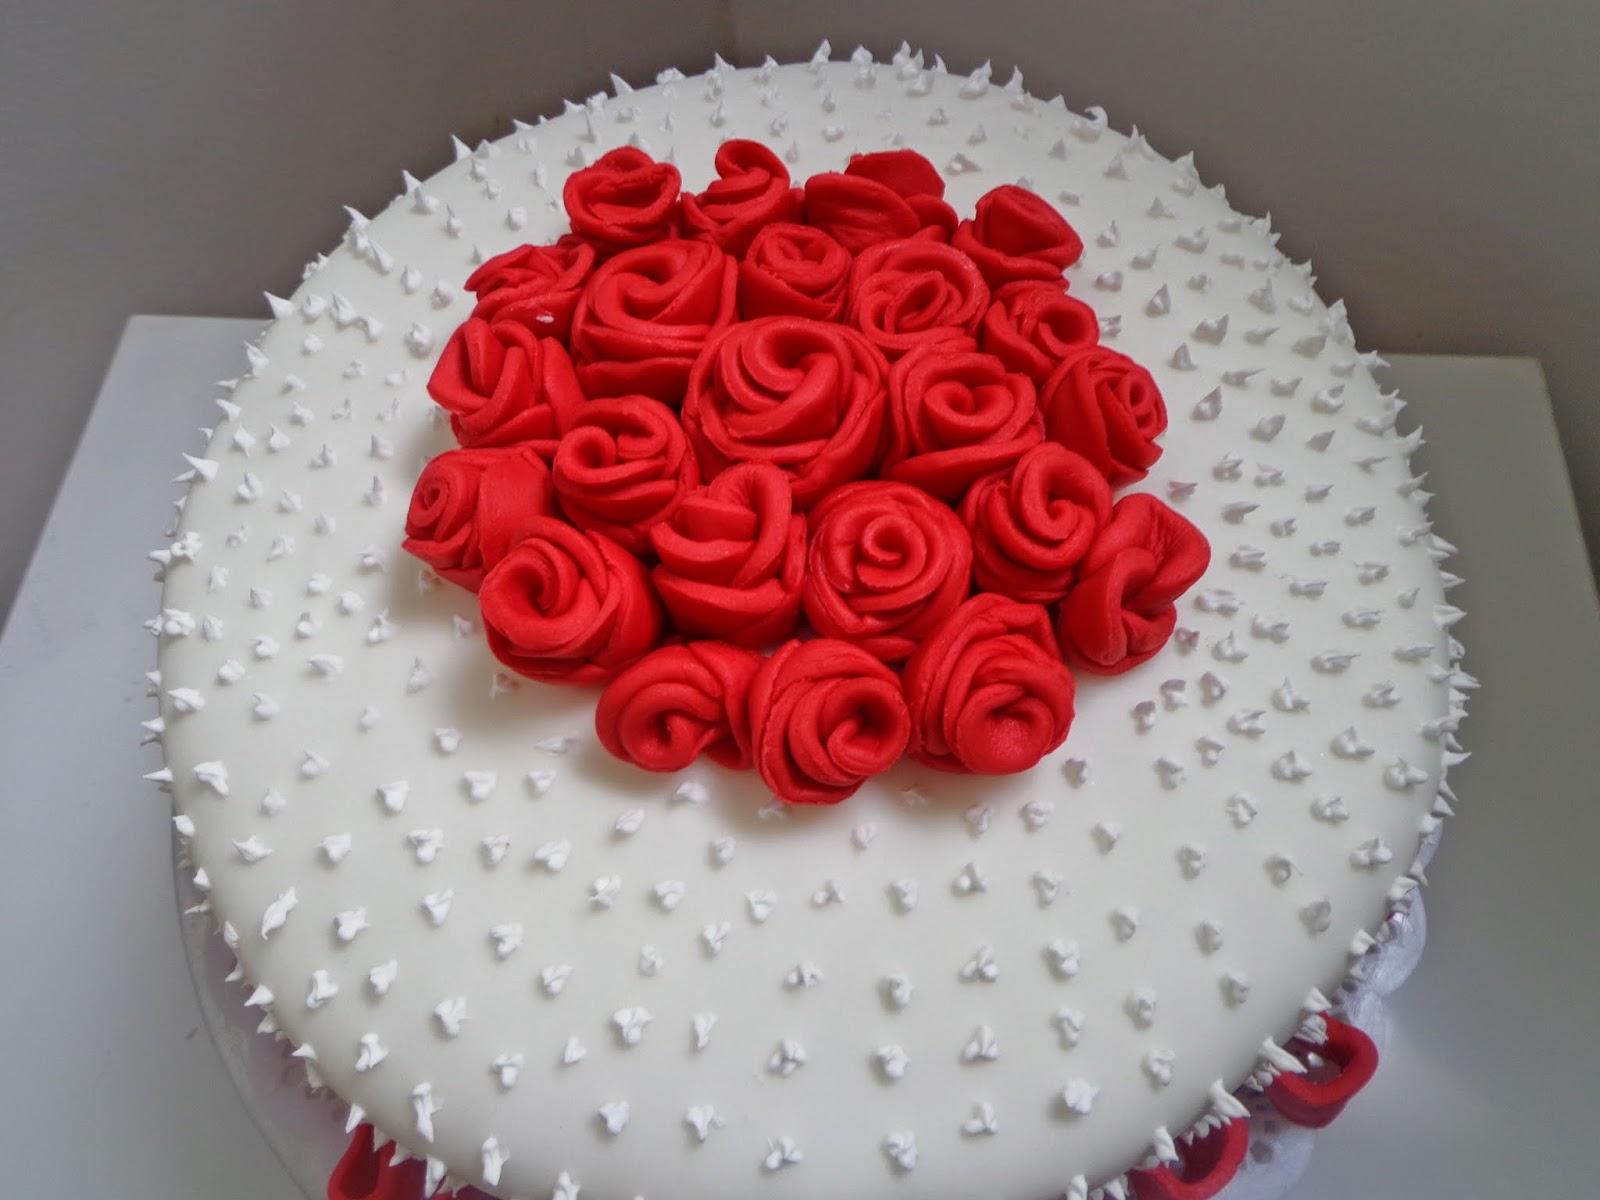 Rosa – Wikipédia, a enciclopédia livre - Fotos De Flores Rosas Vermelhas